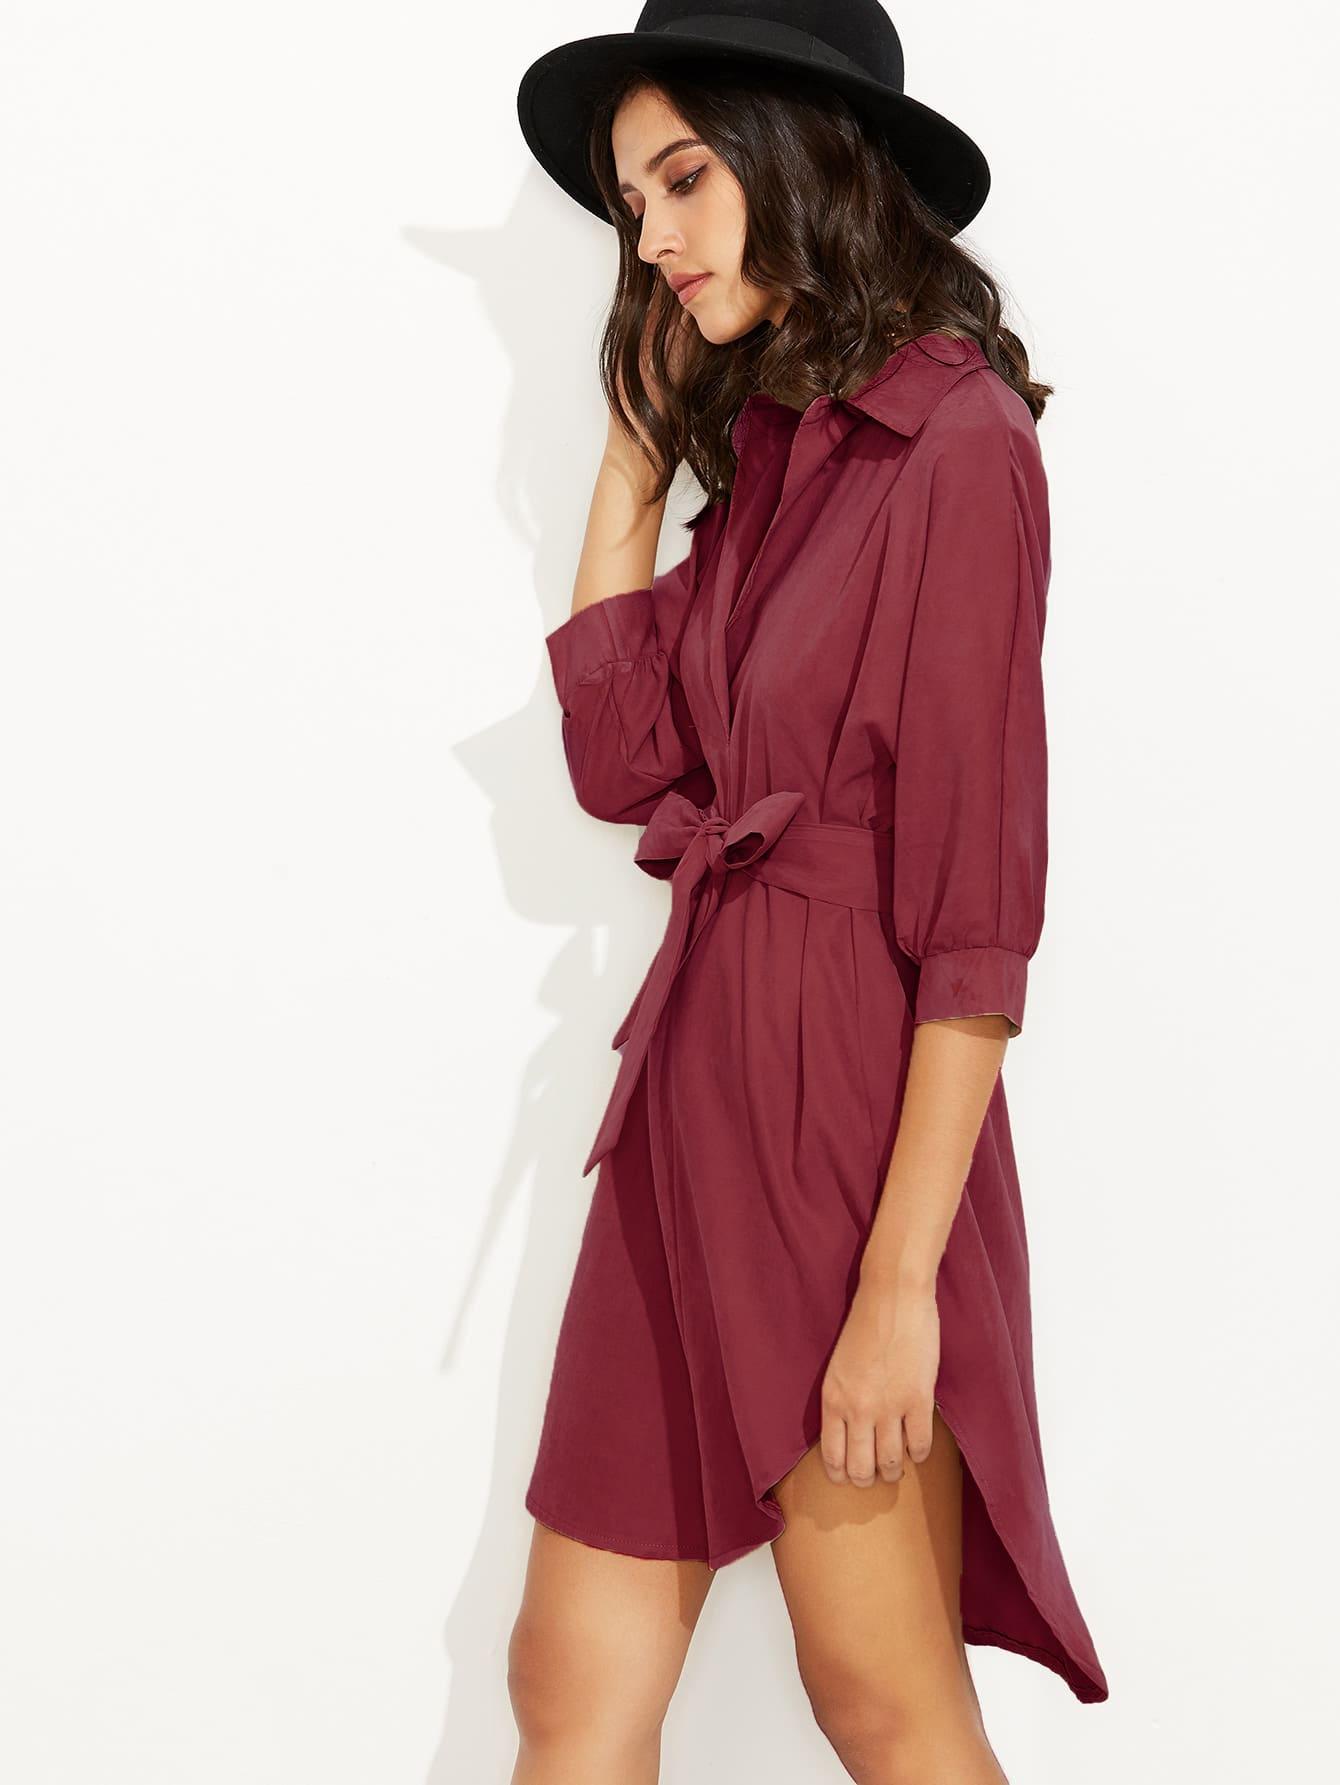 dress160902307_2